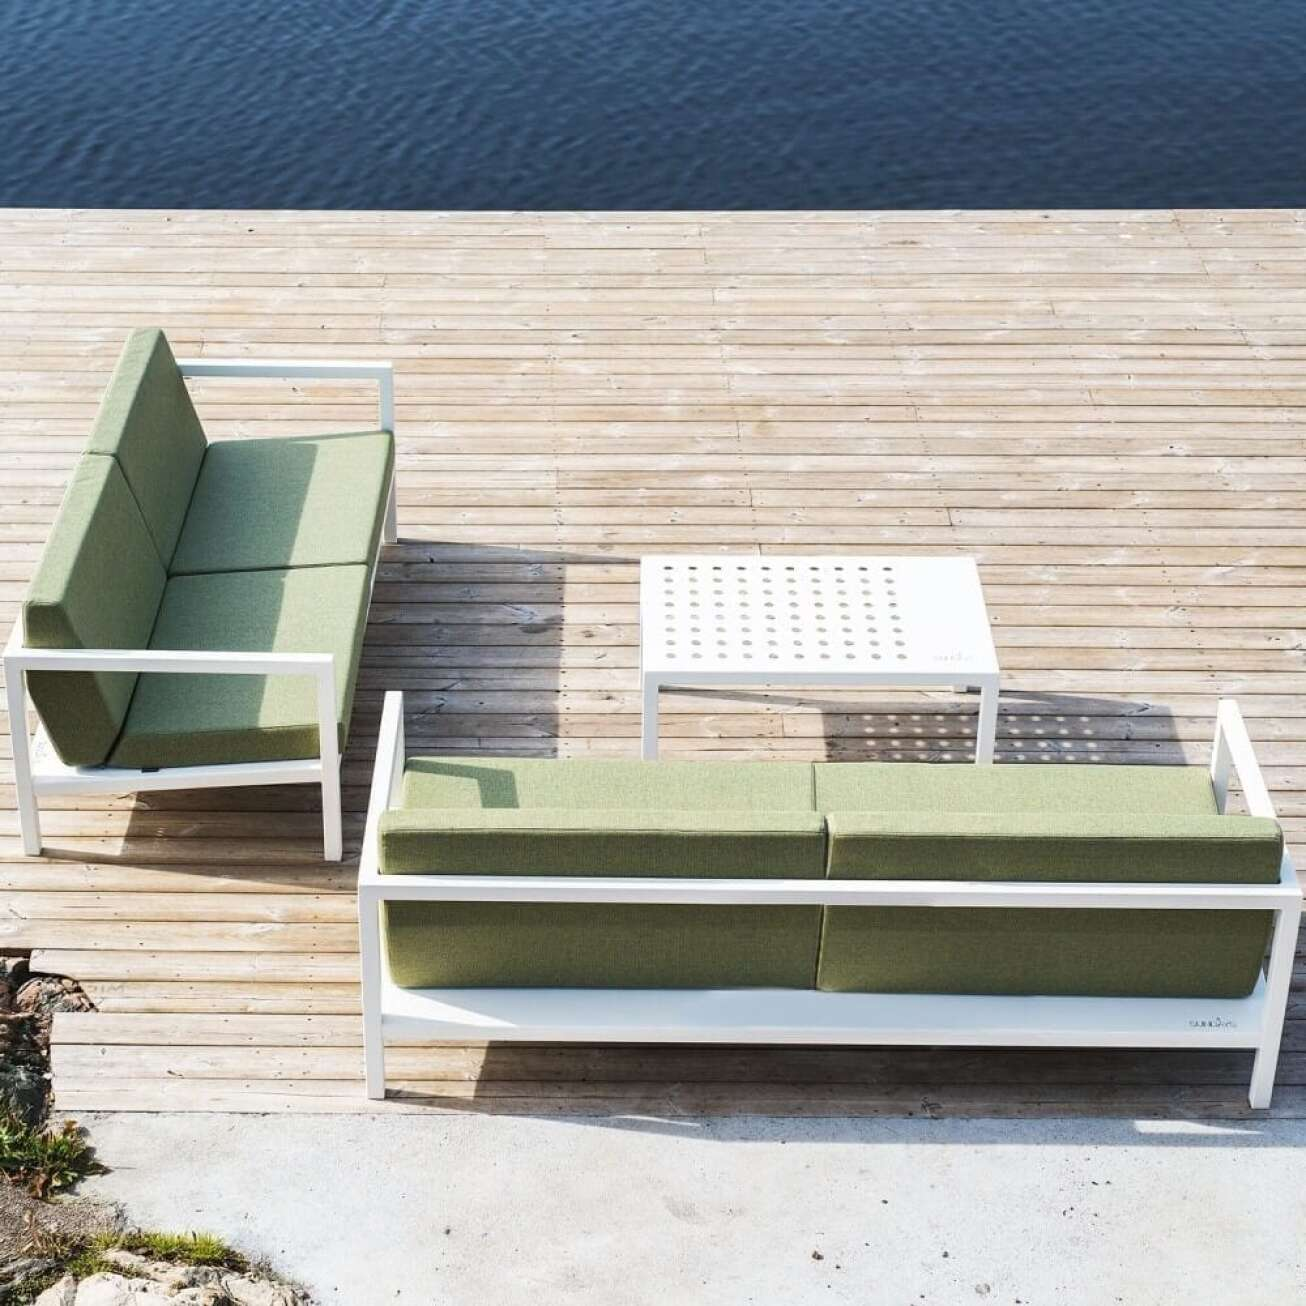 To toseter sofaer i hvit aluminiumsramme og grønne puter, med hvitt bord ute i solen ved vann